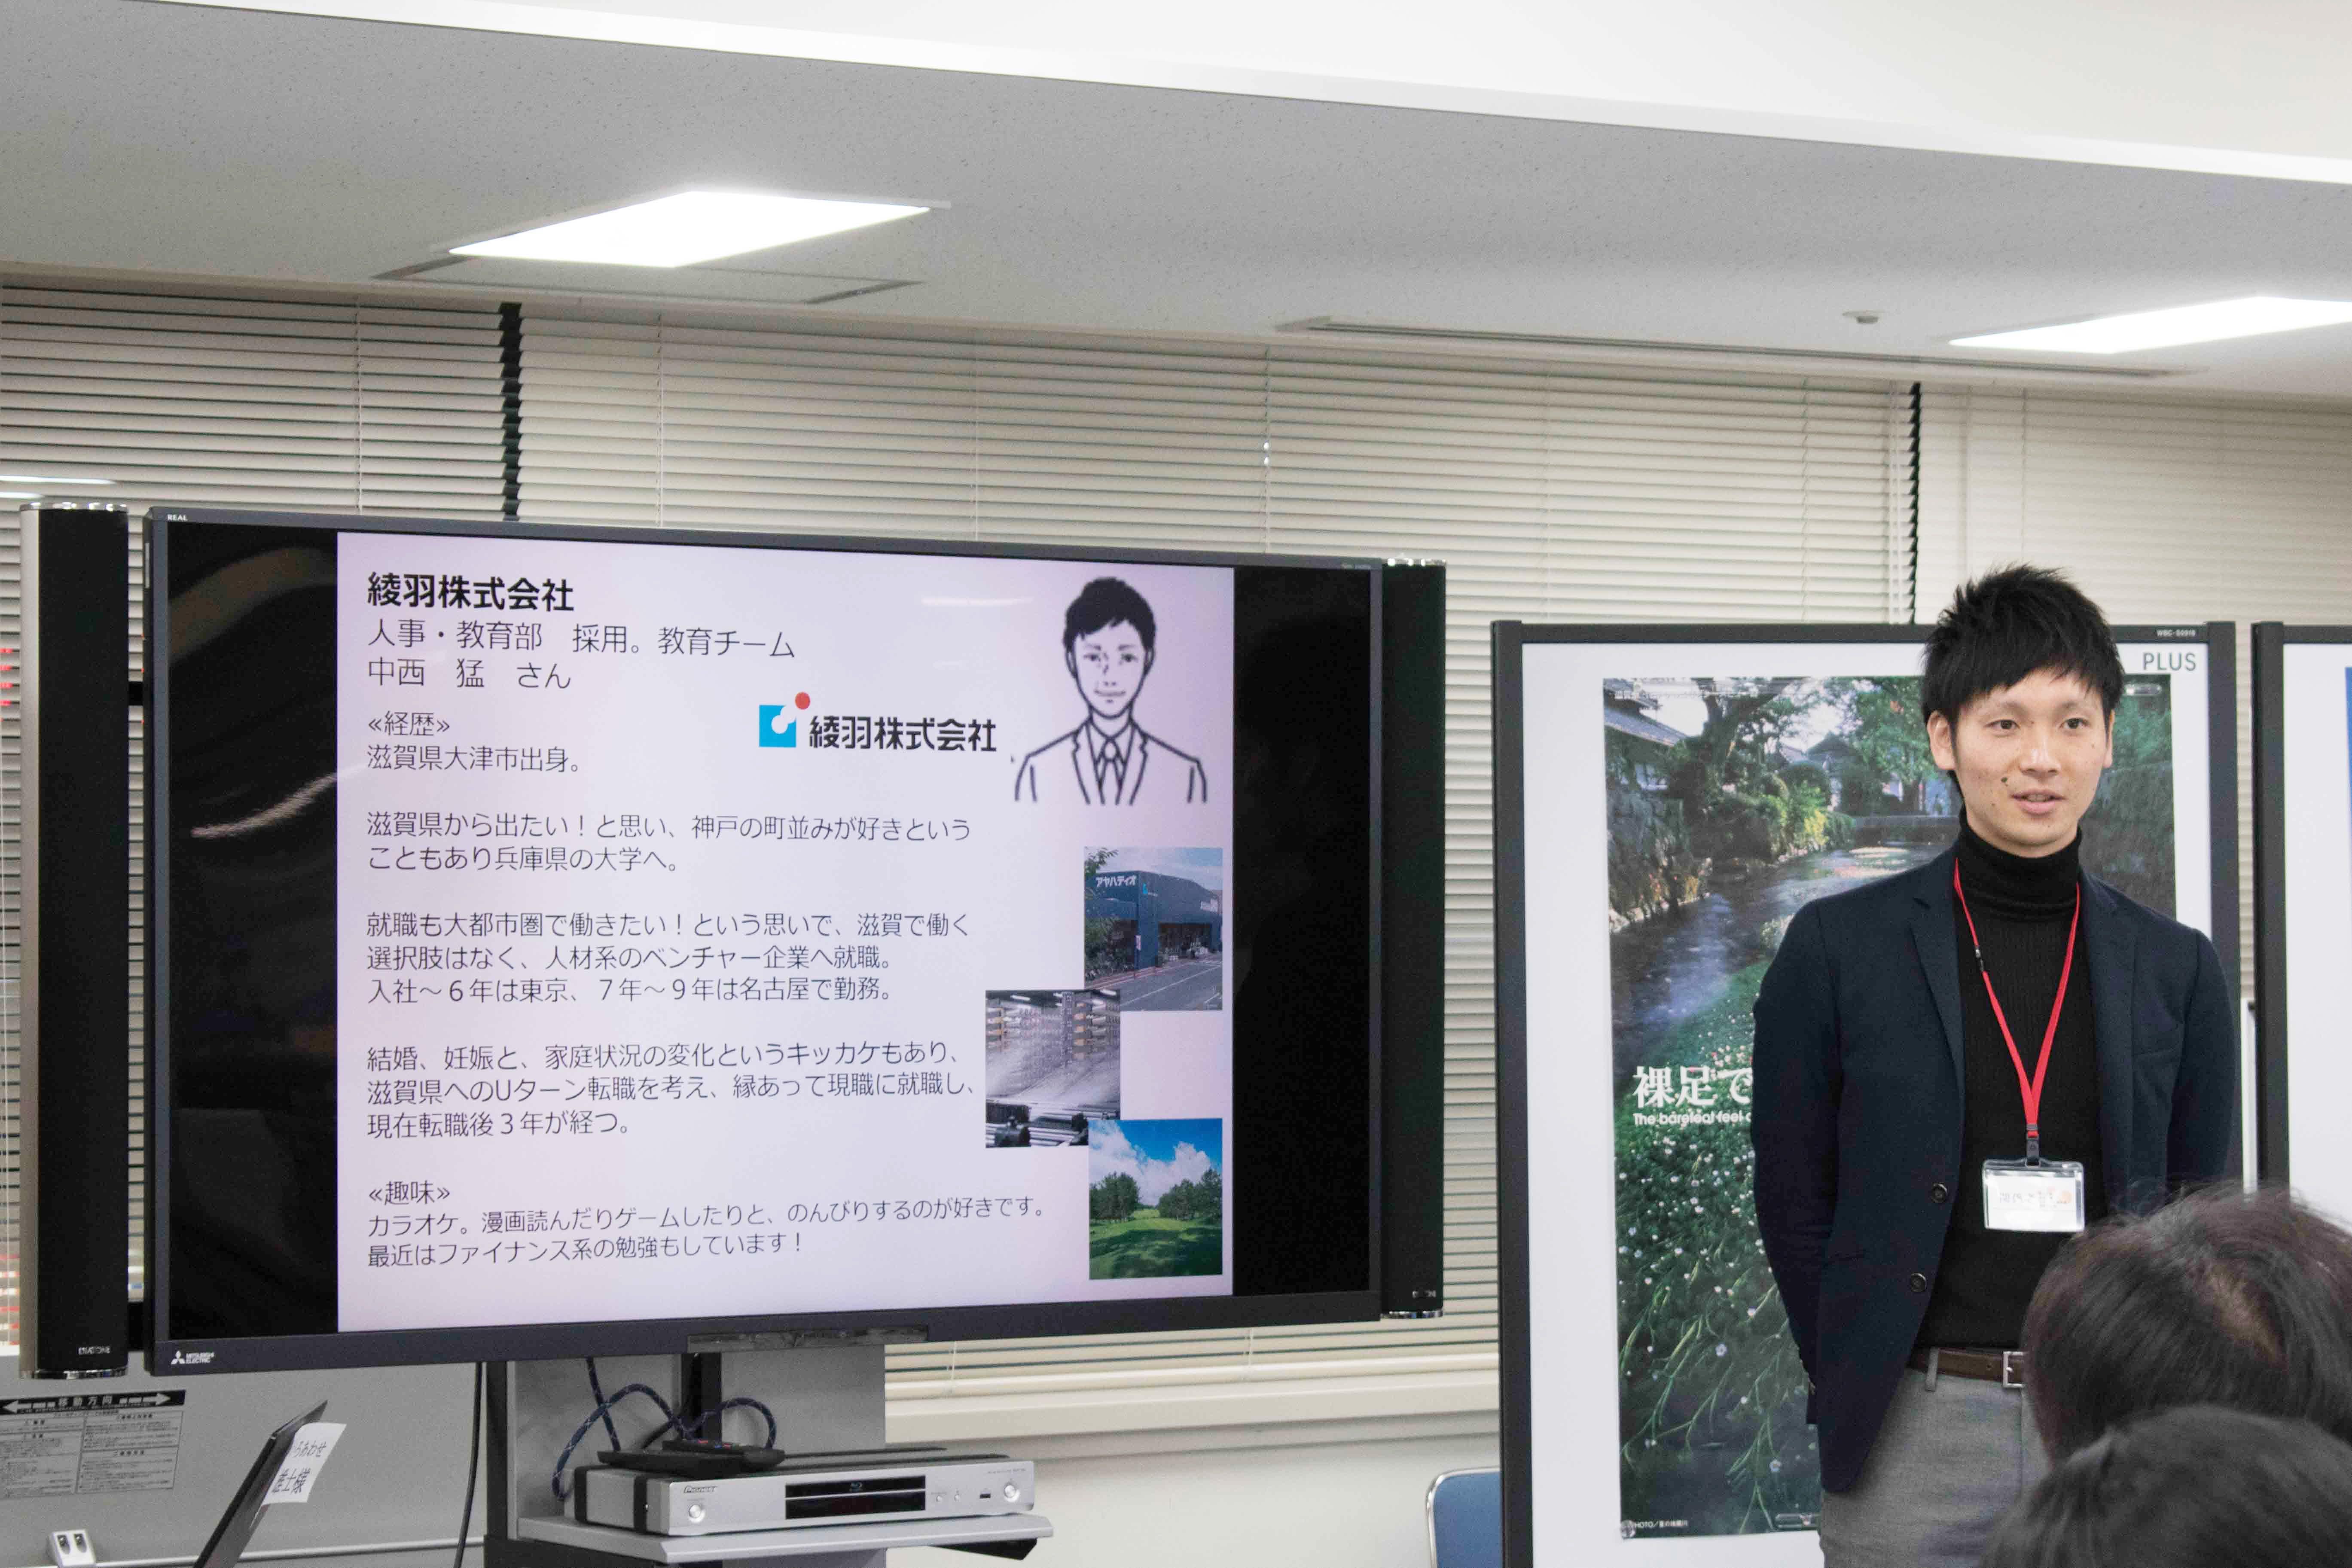 ゲスト・綾羽株式会社(しが移住相談会)